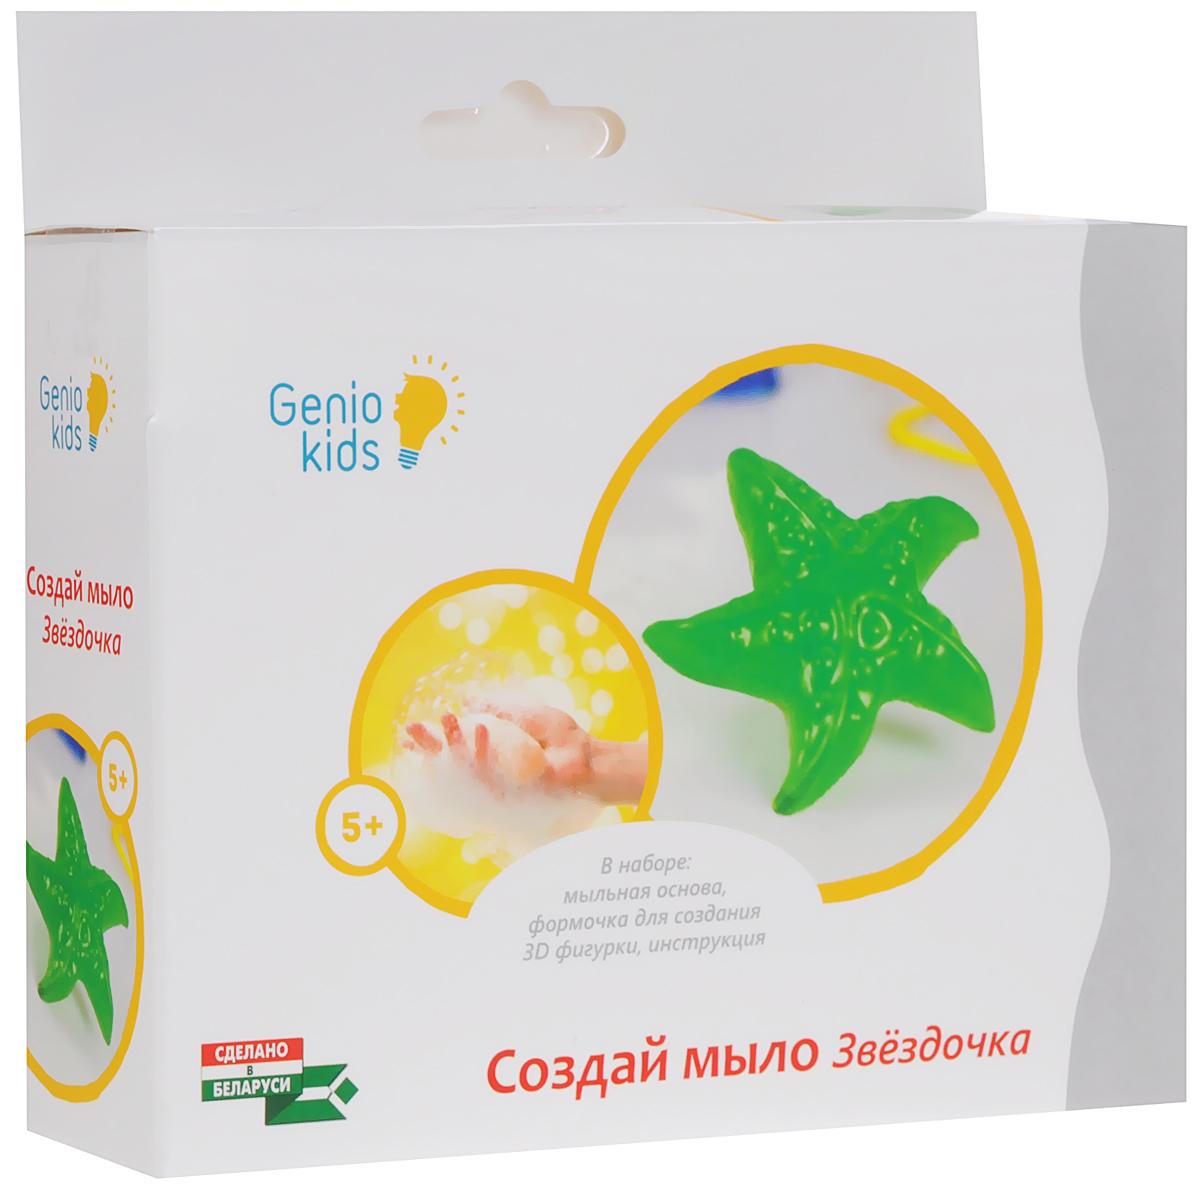 Genio Kids Набор для детского творчества Фабрика мыловарения Звездочка